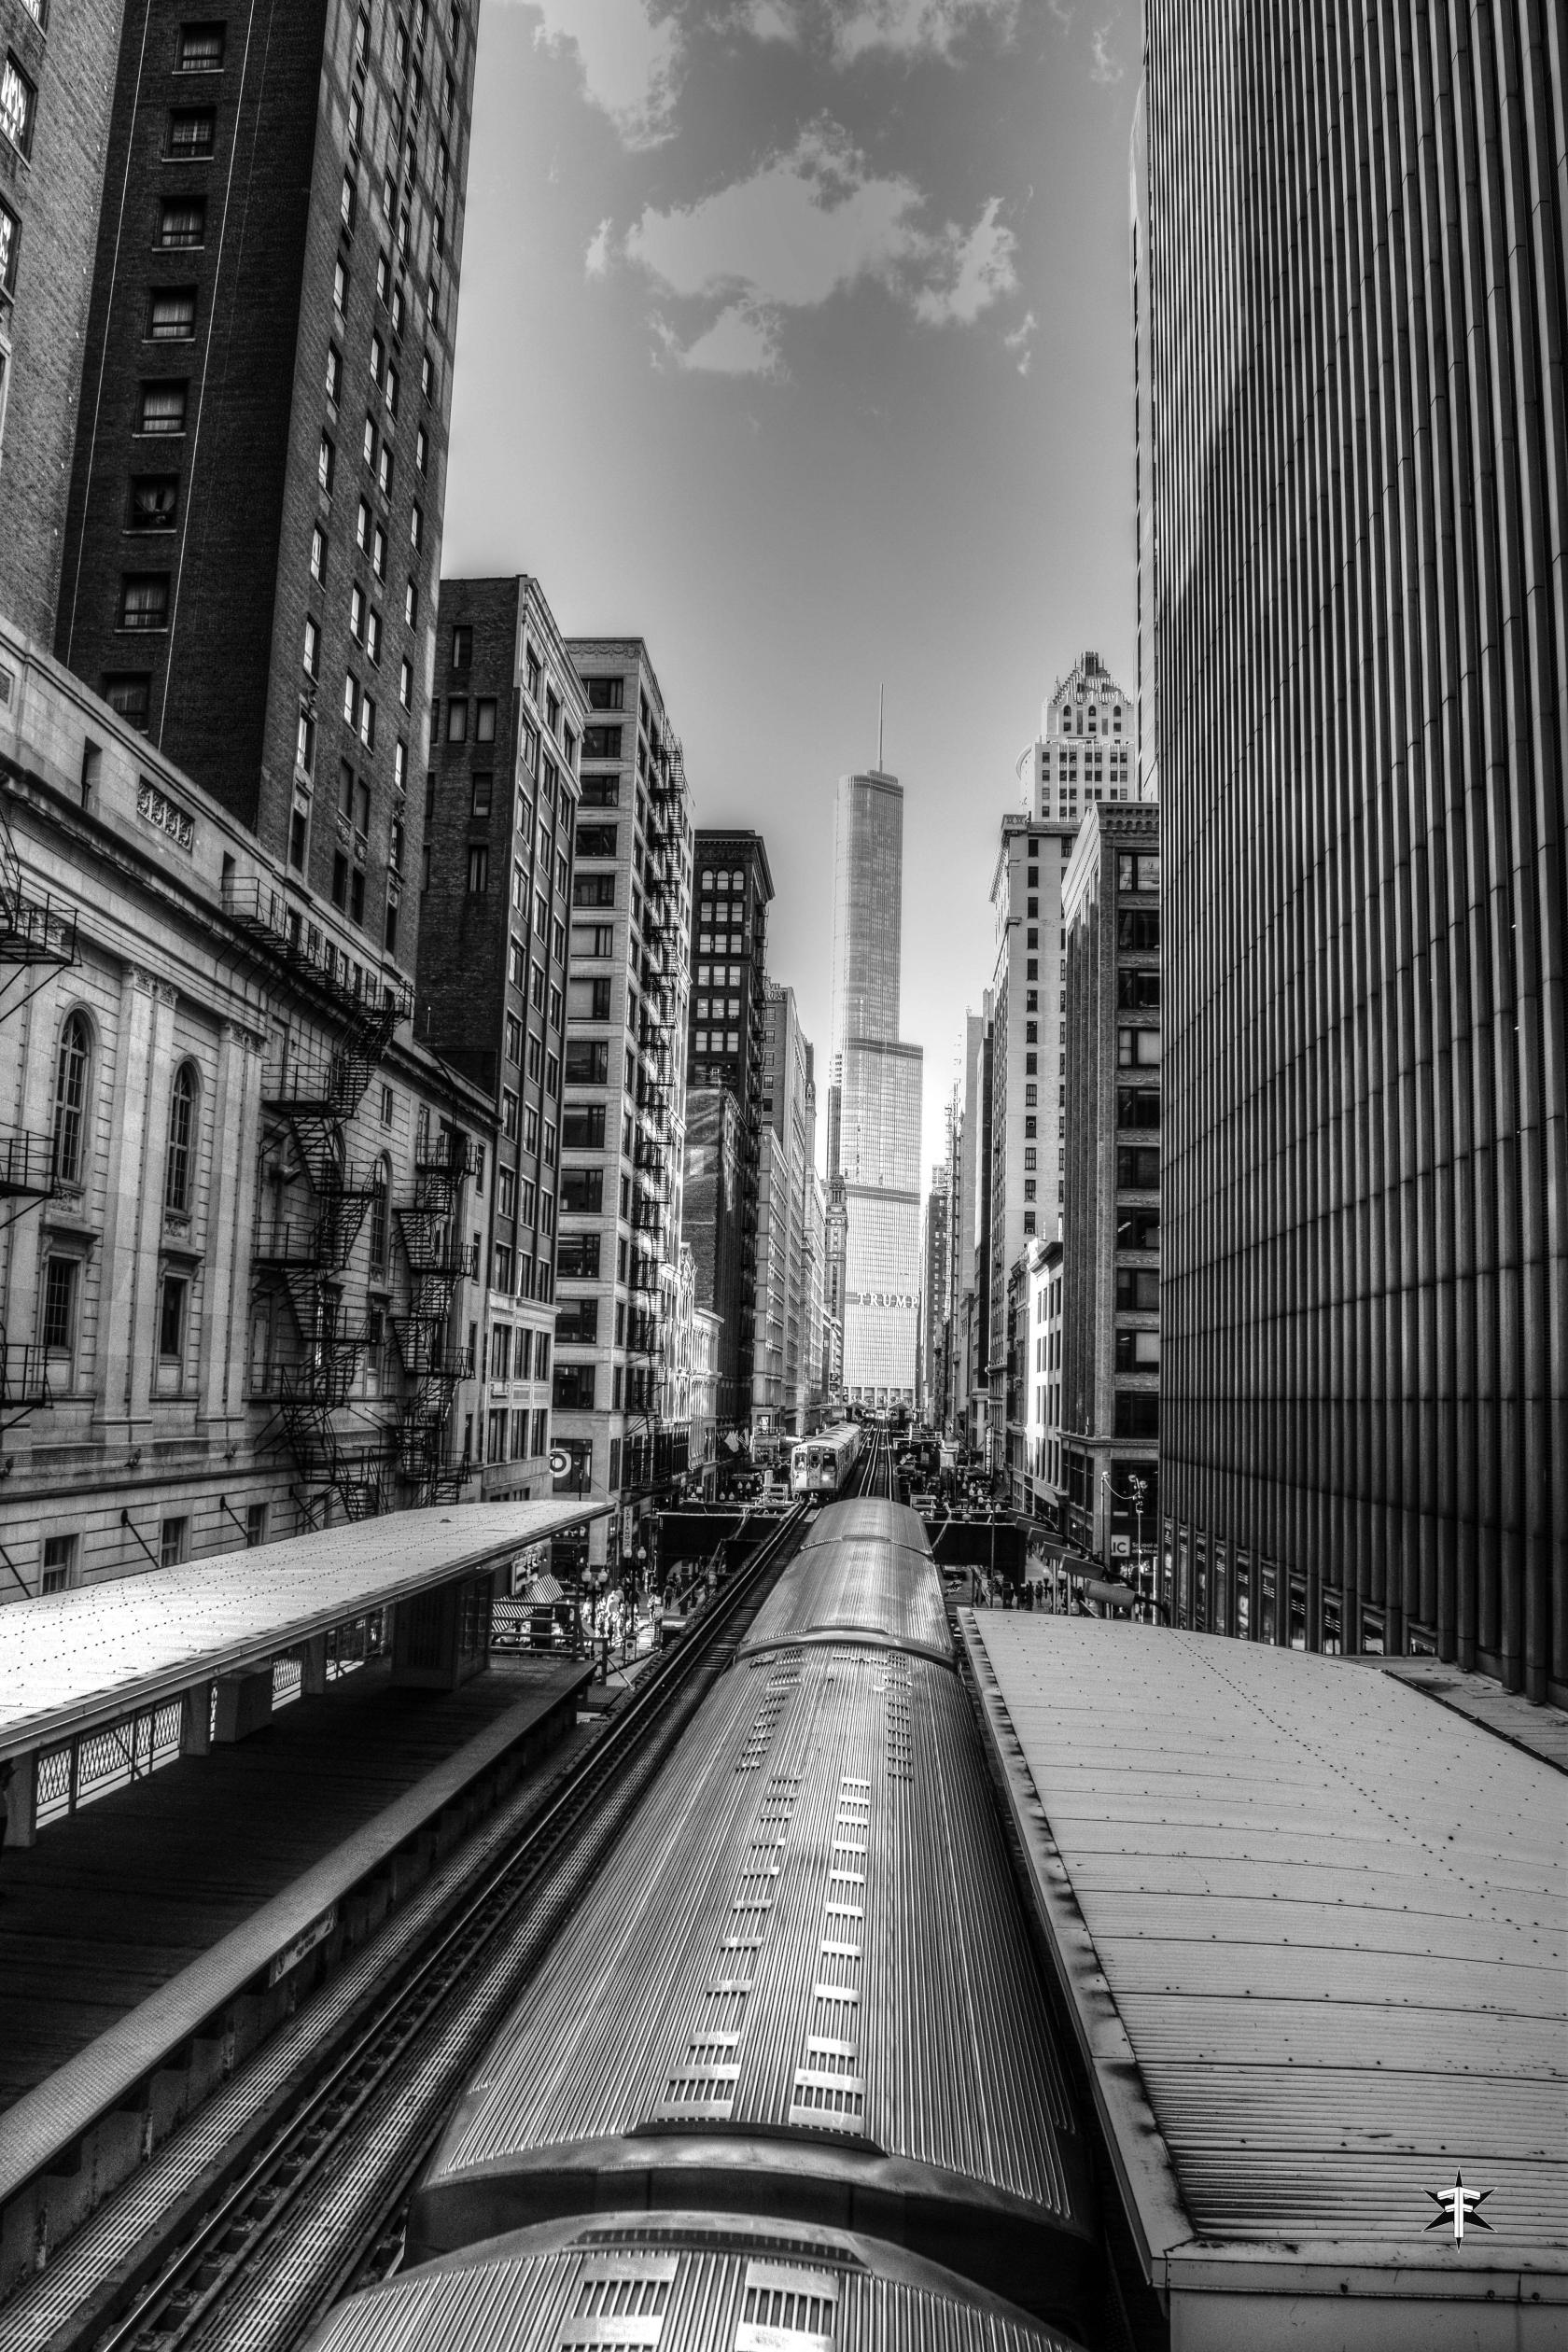 batch_cta chicago trump tower train contrast bnw.jpg